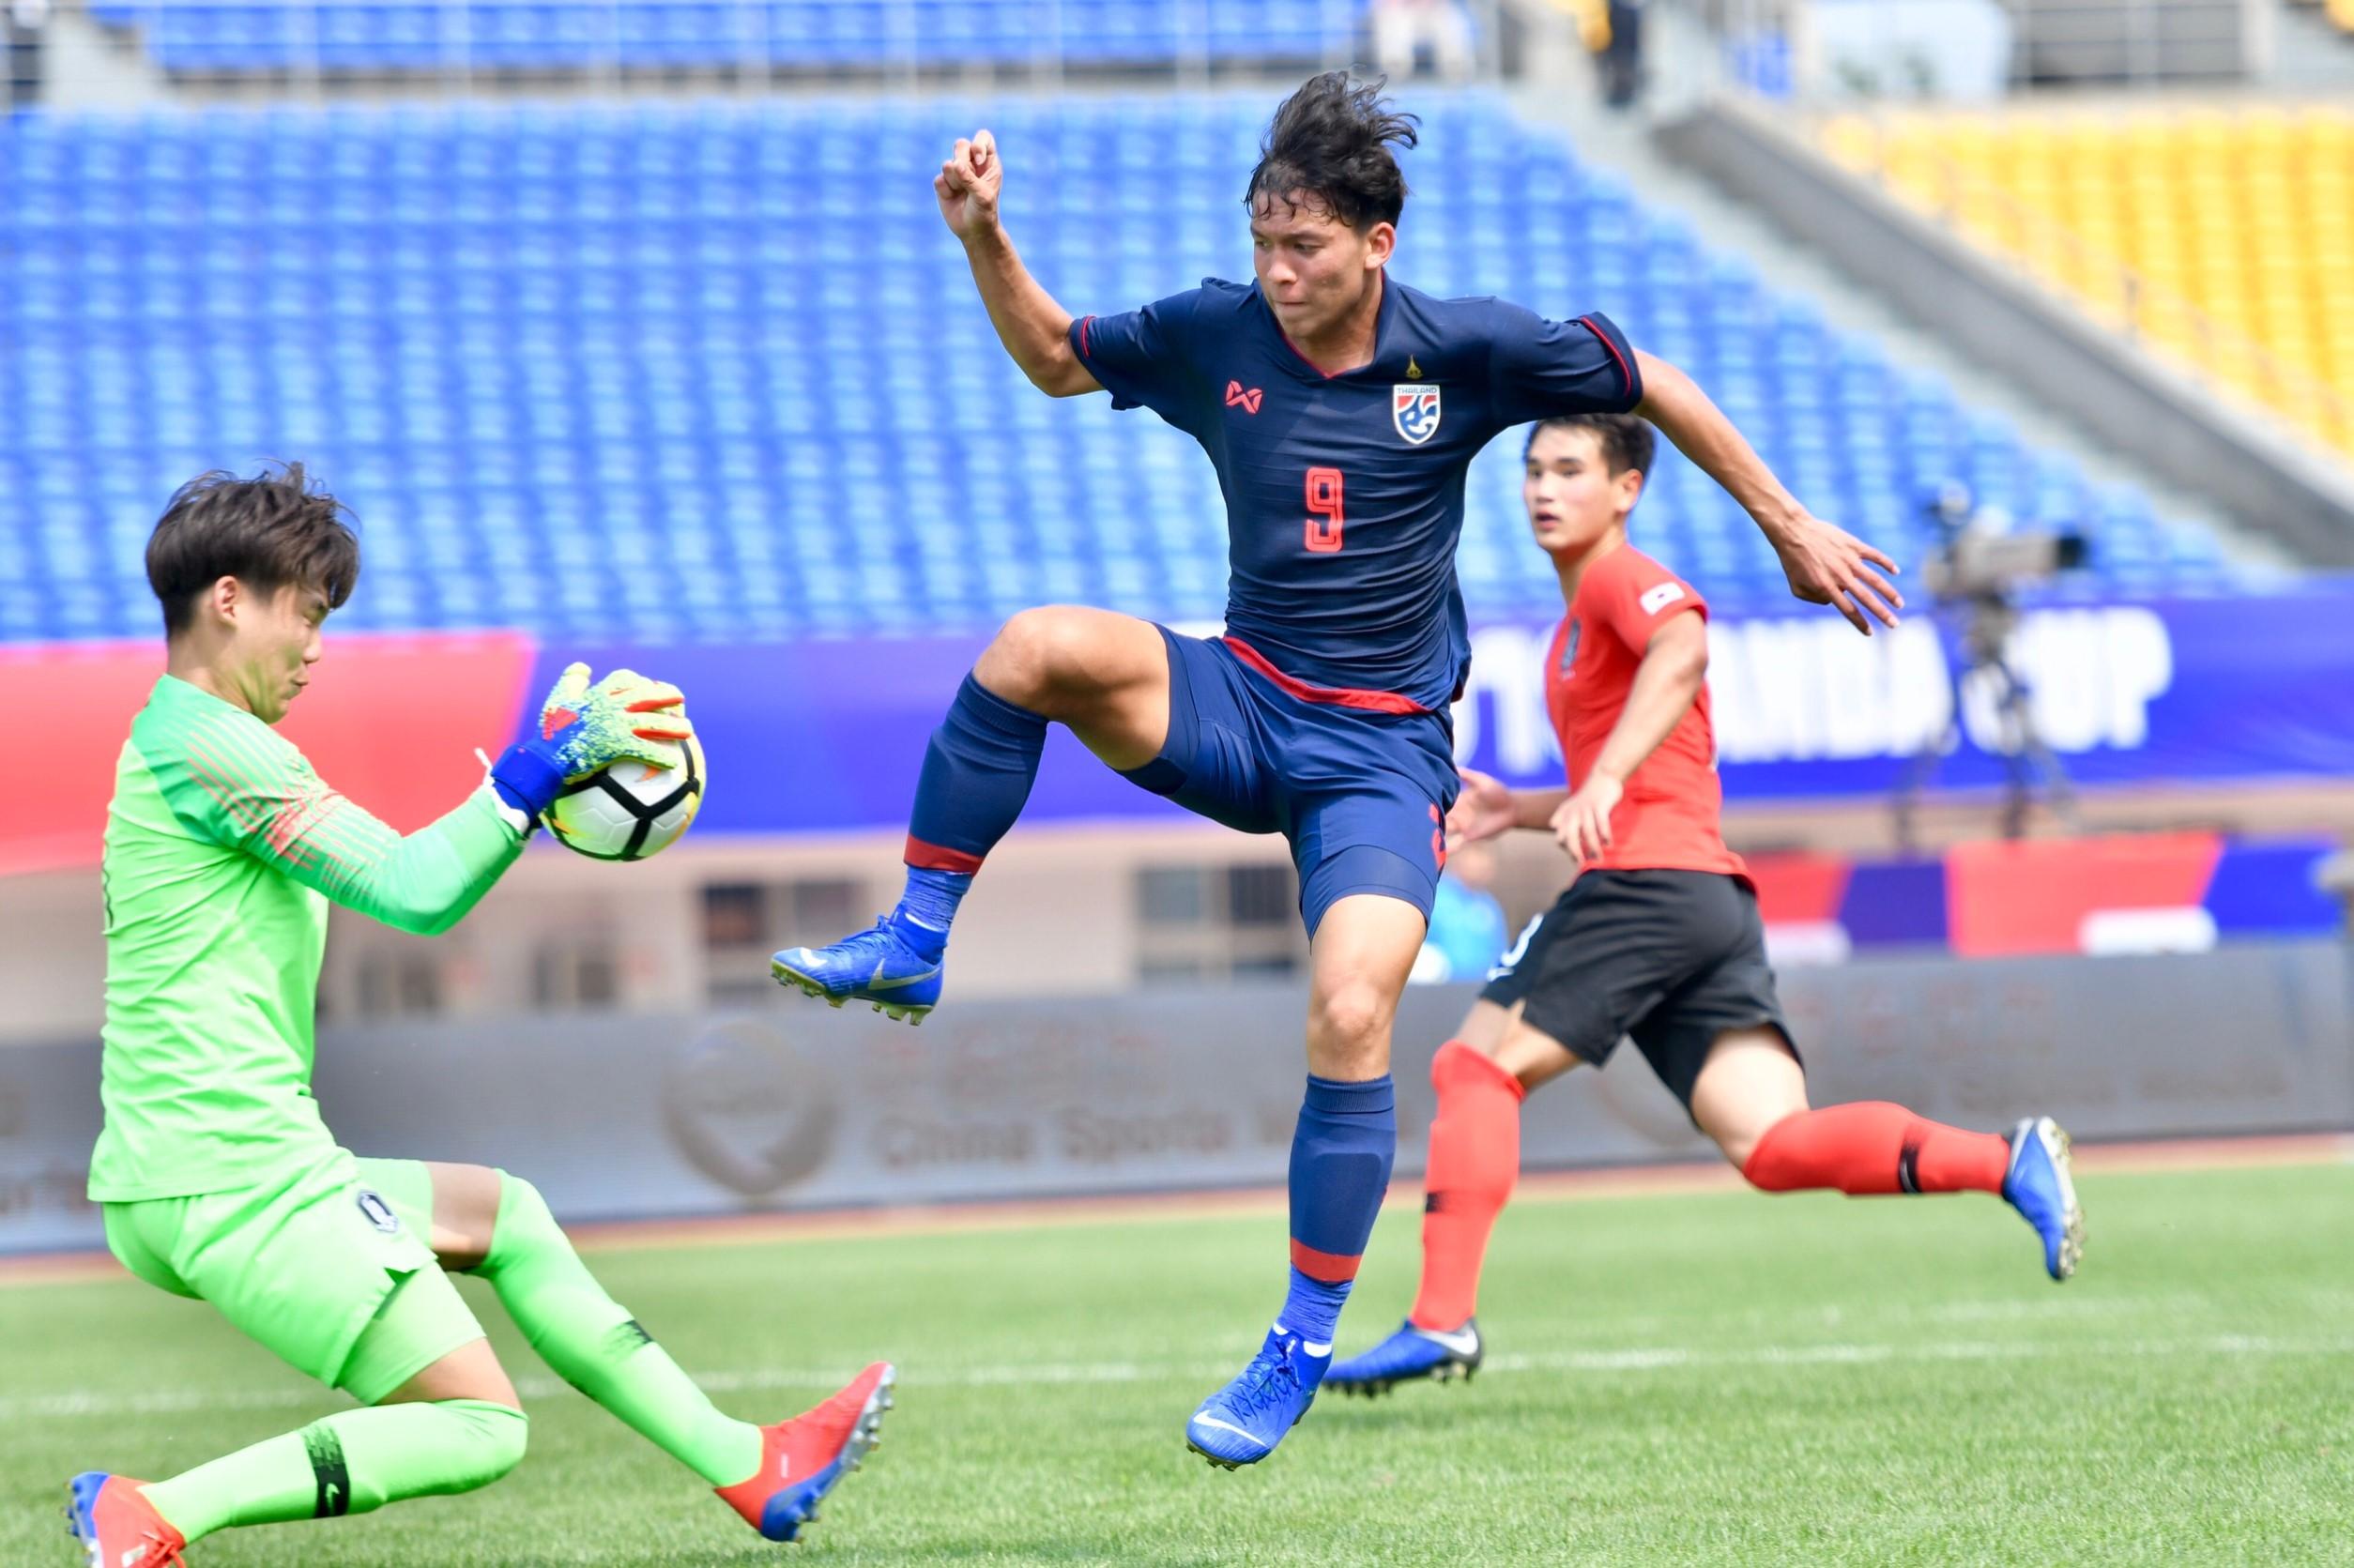 Panda Cup 2019 ทีมชาติเกาหลีใต้ U19 ทีมชาติไทย U19